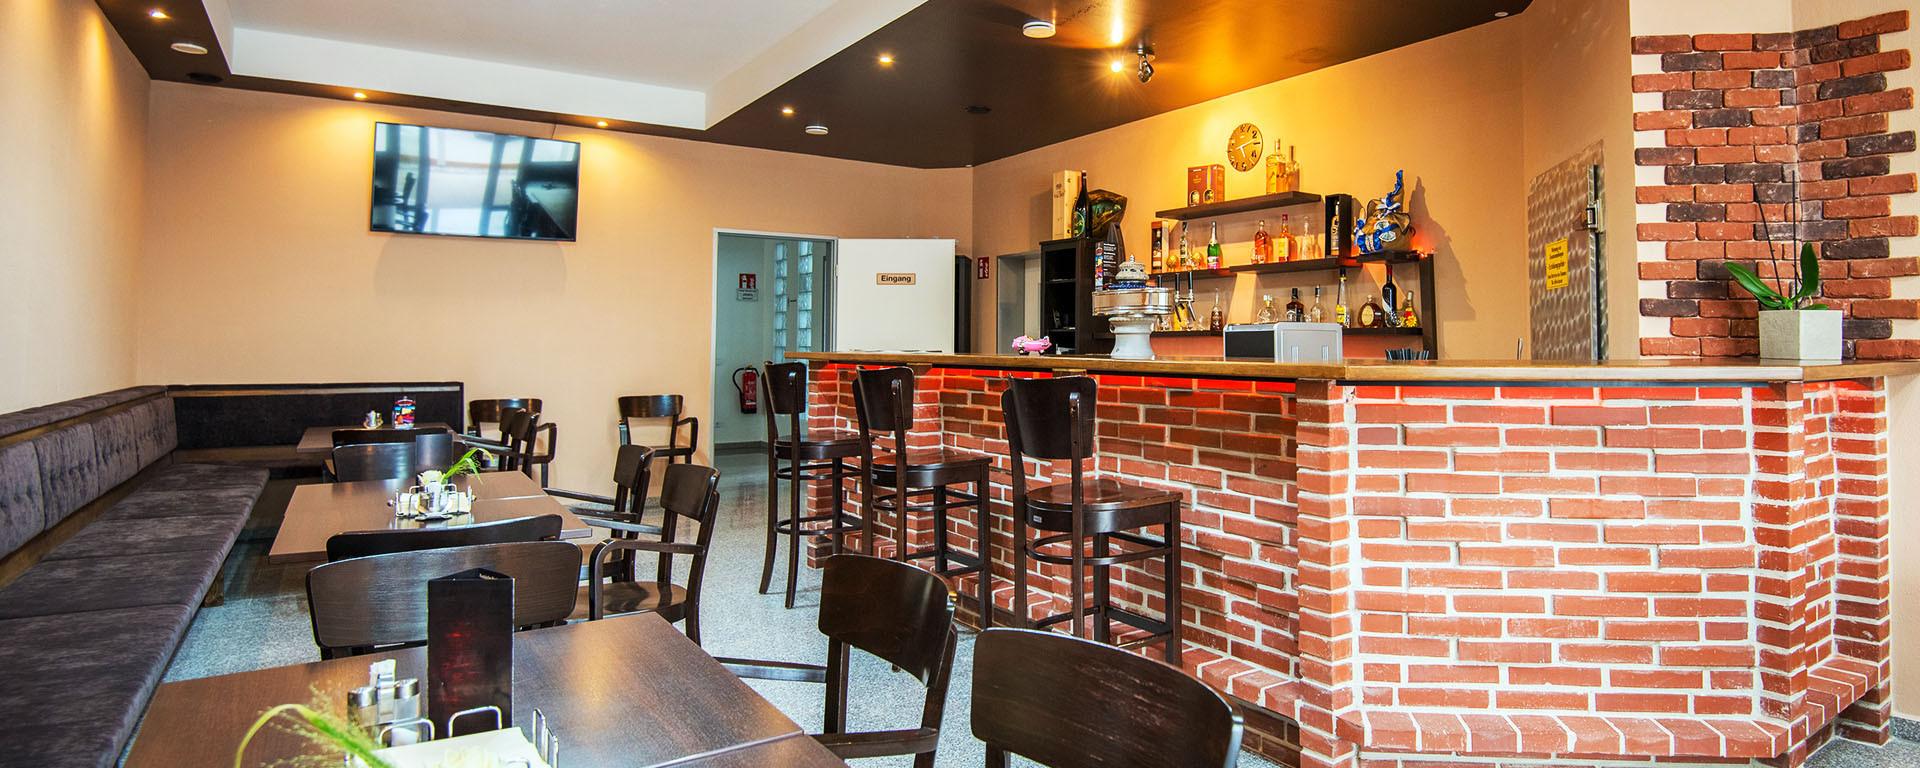 Gut Essen, trinken und genießen im Restaurant des Hotel Drei Bären Aichach